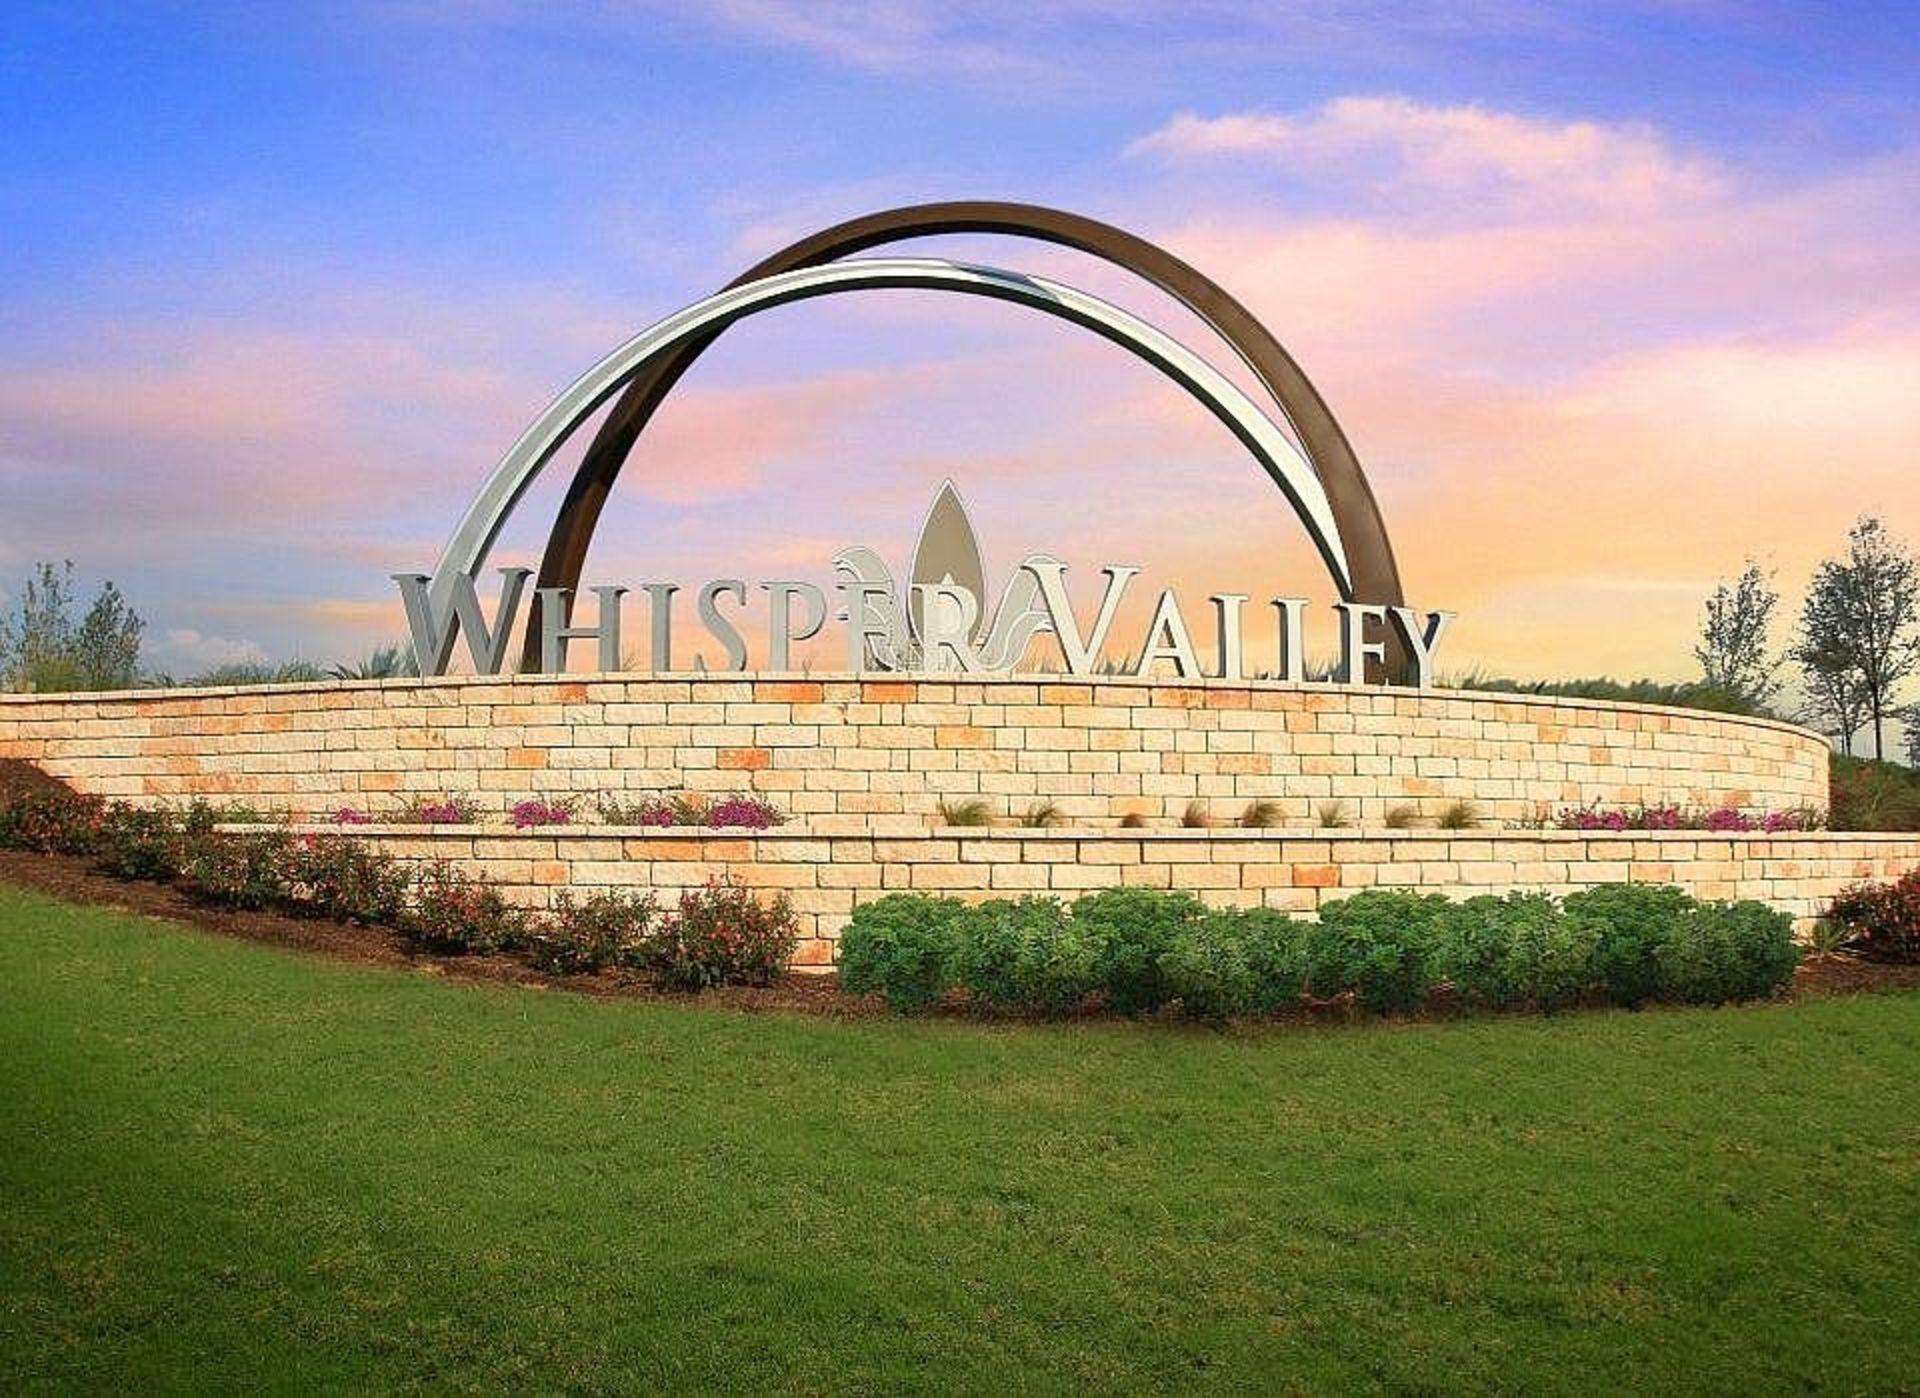 Whisper Valley